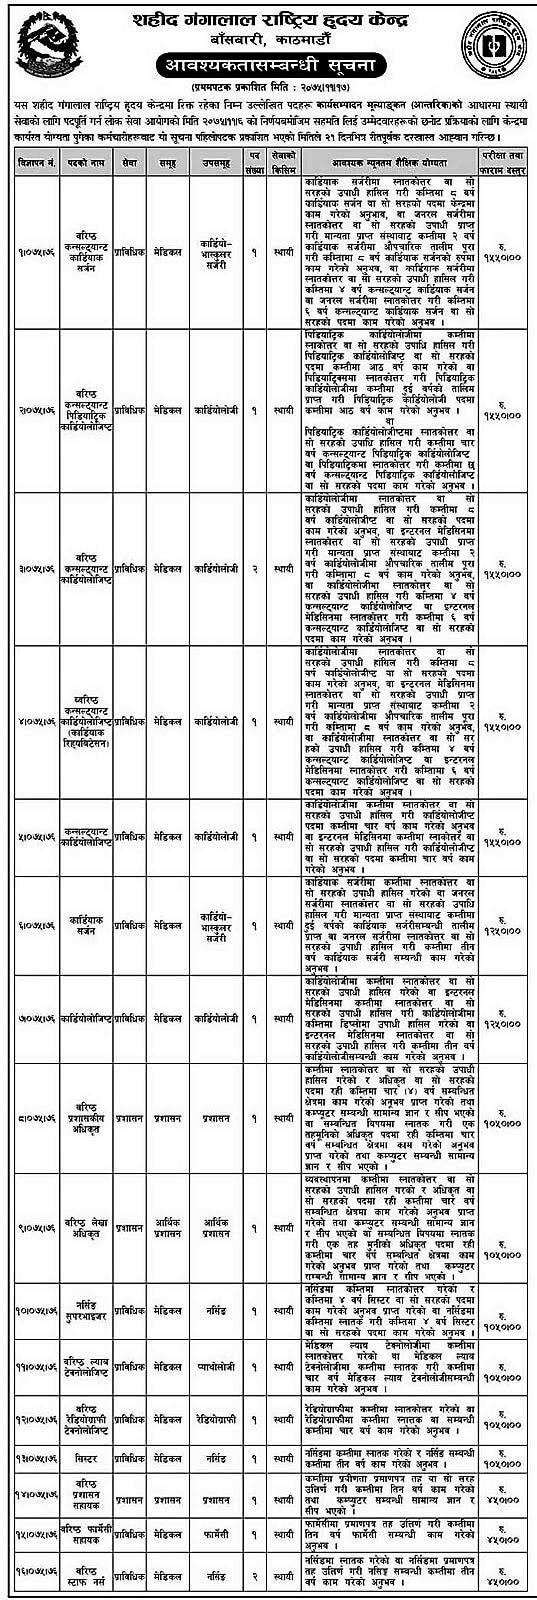 Shahid Gangalal Hridaya Kendra Vacancy Notice